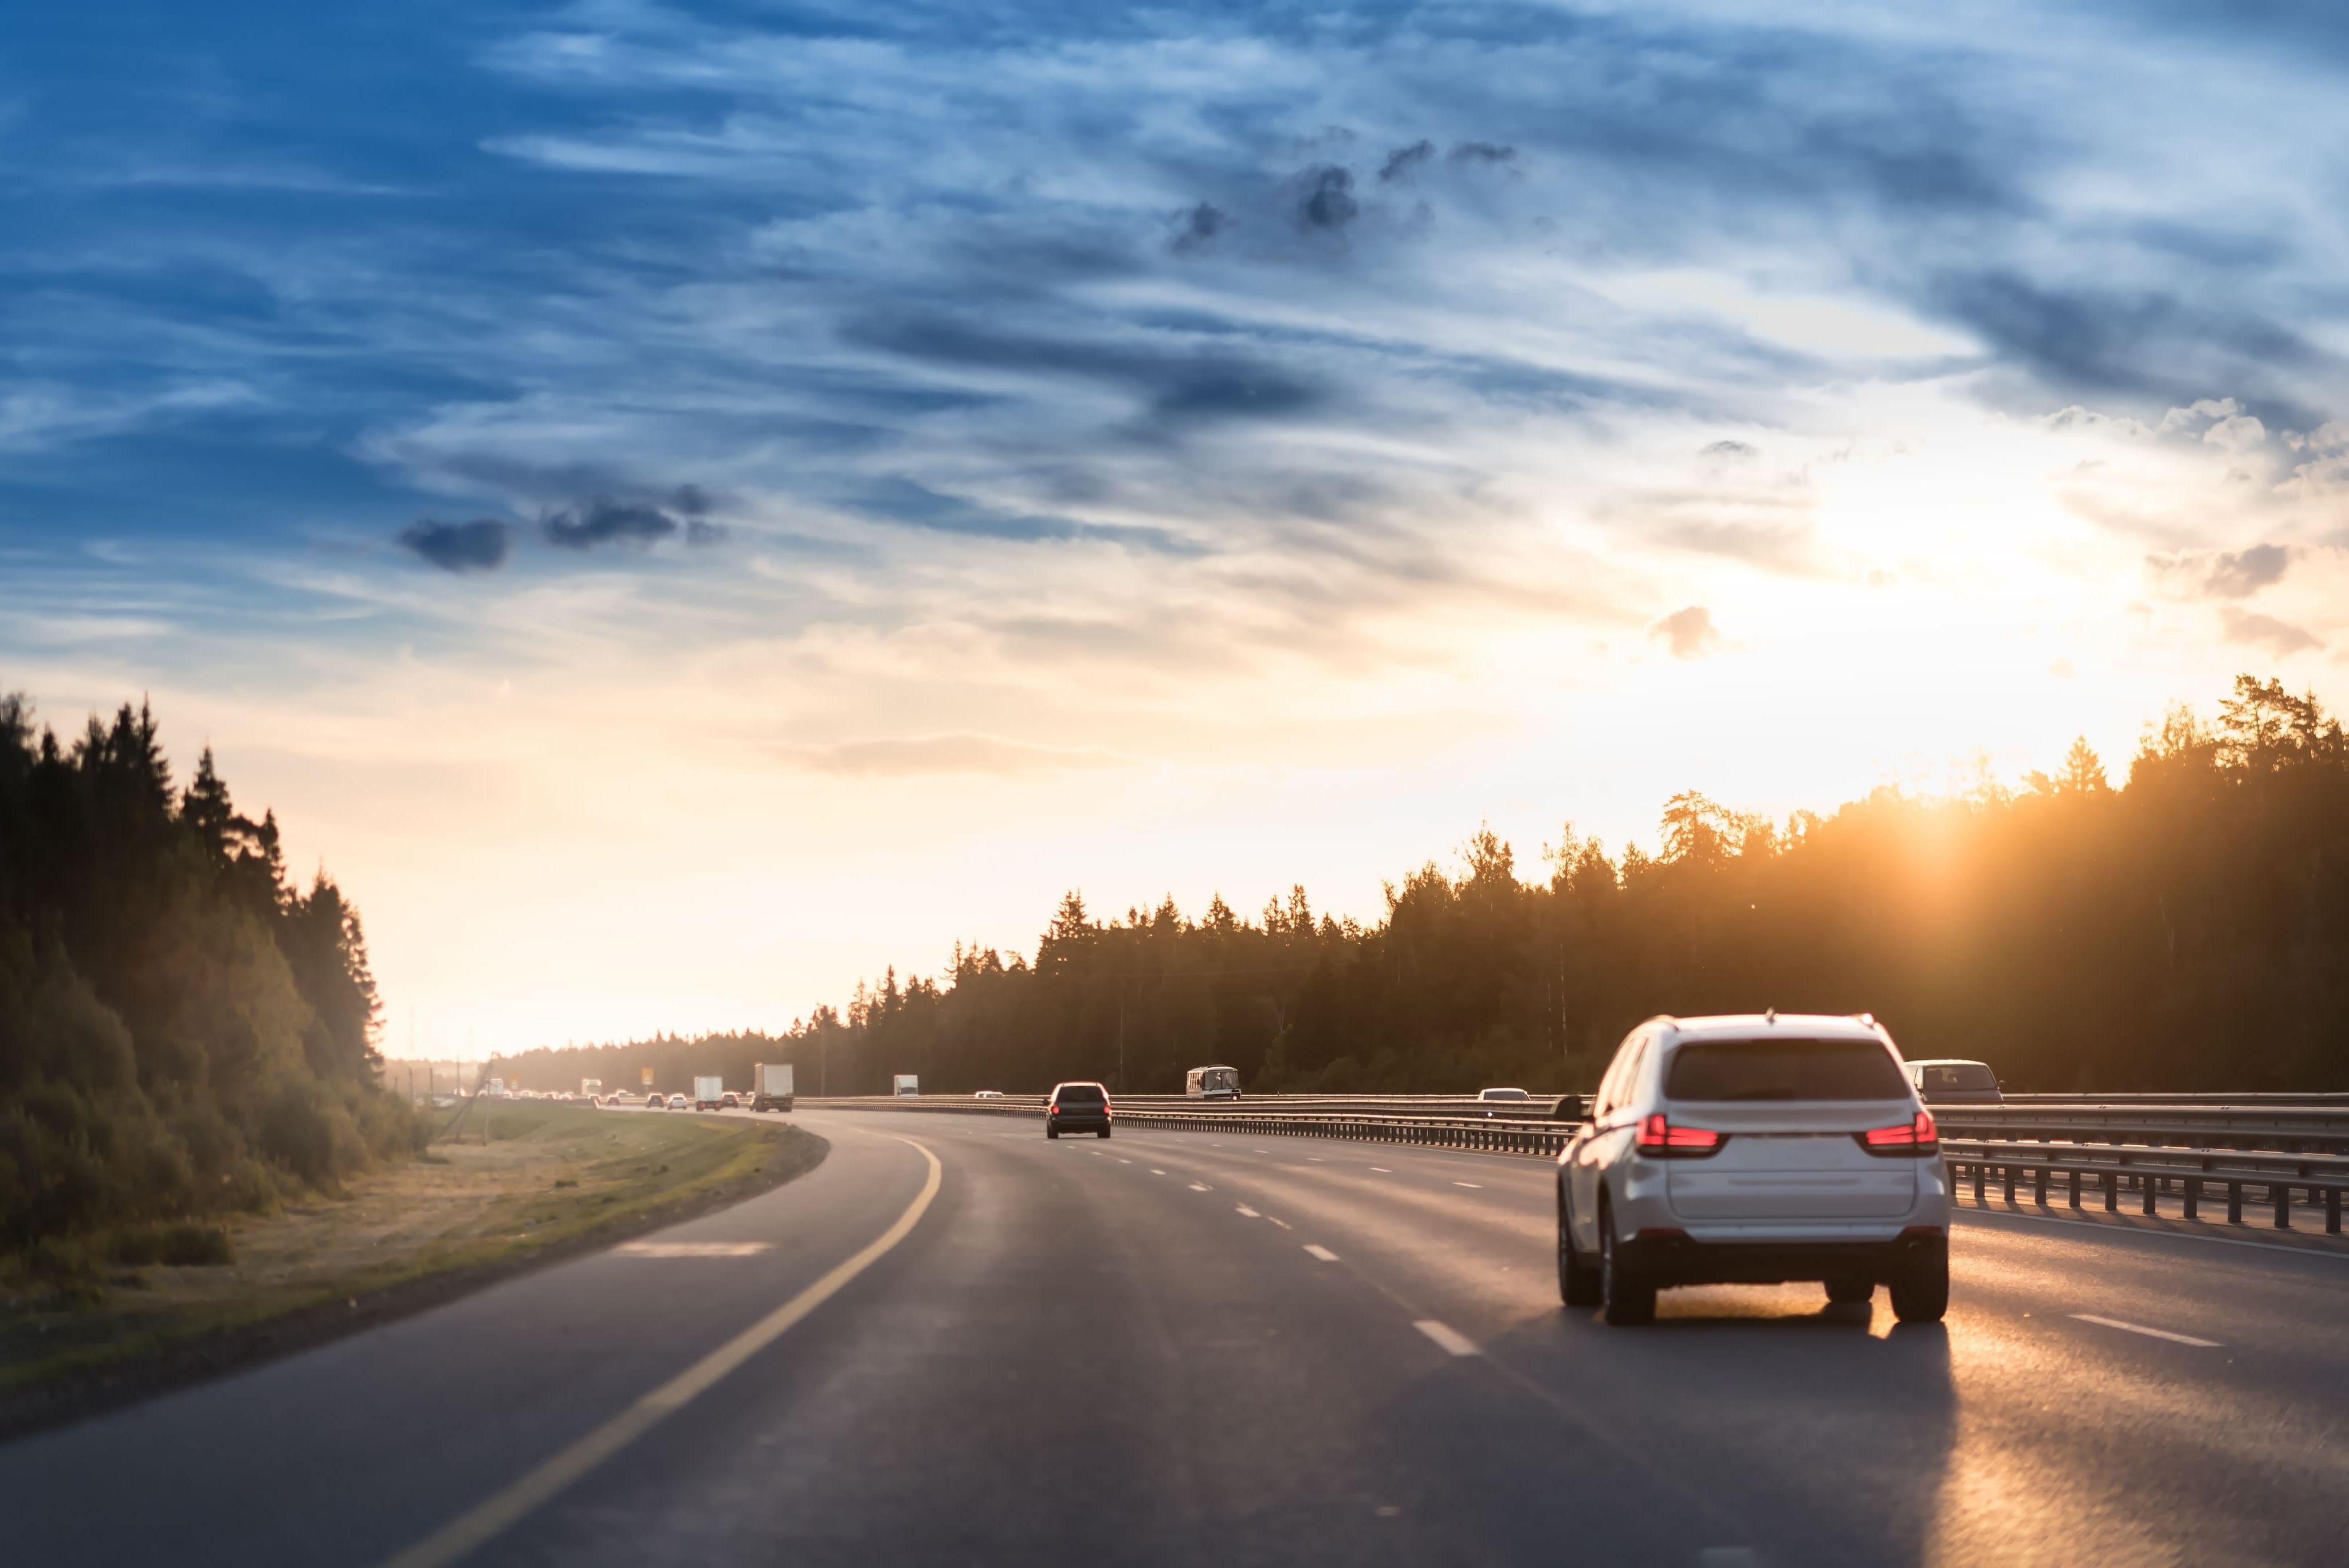 「スイフト」の中古車を自社ローンで購入した方の車両価格相場と口コミ(体験談)